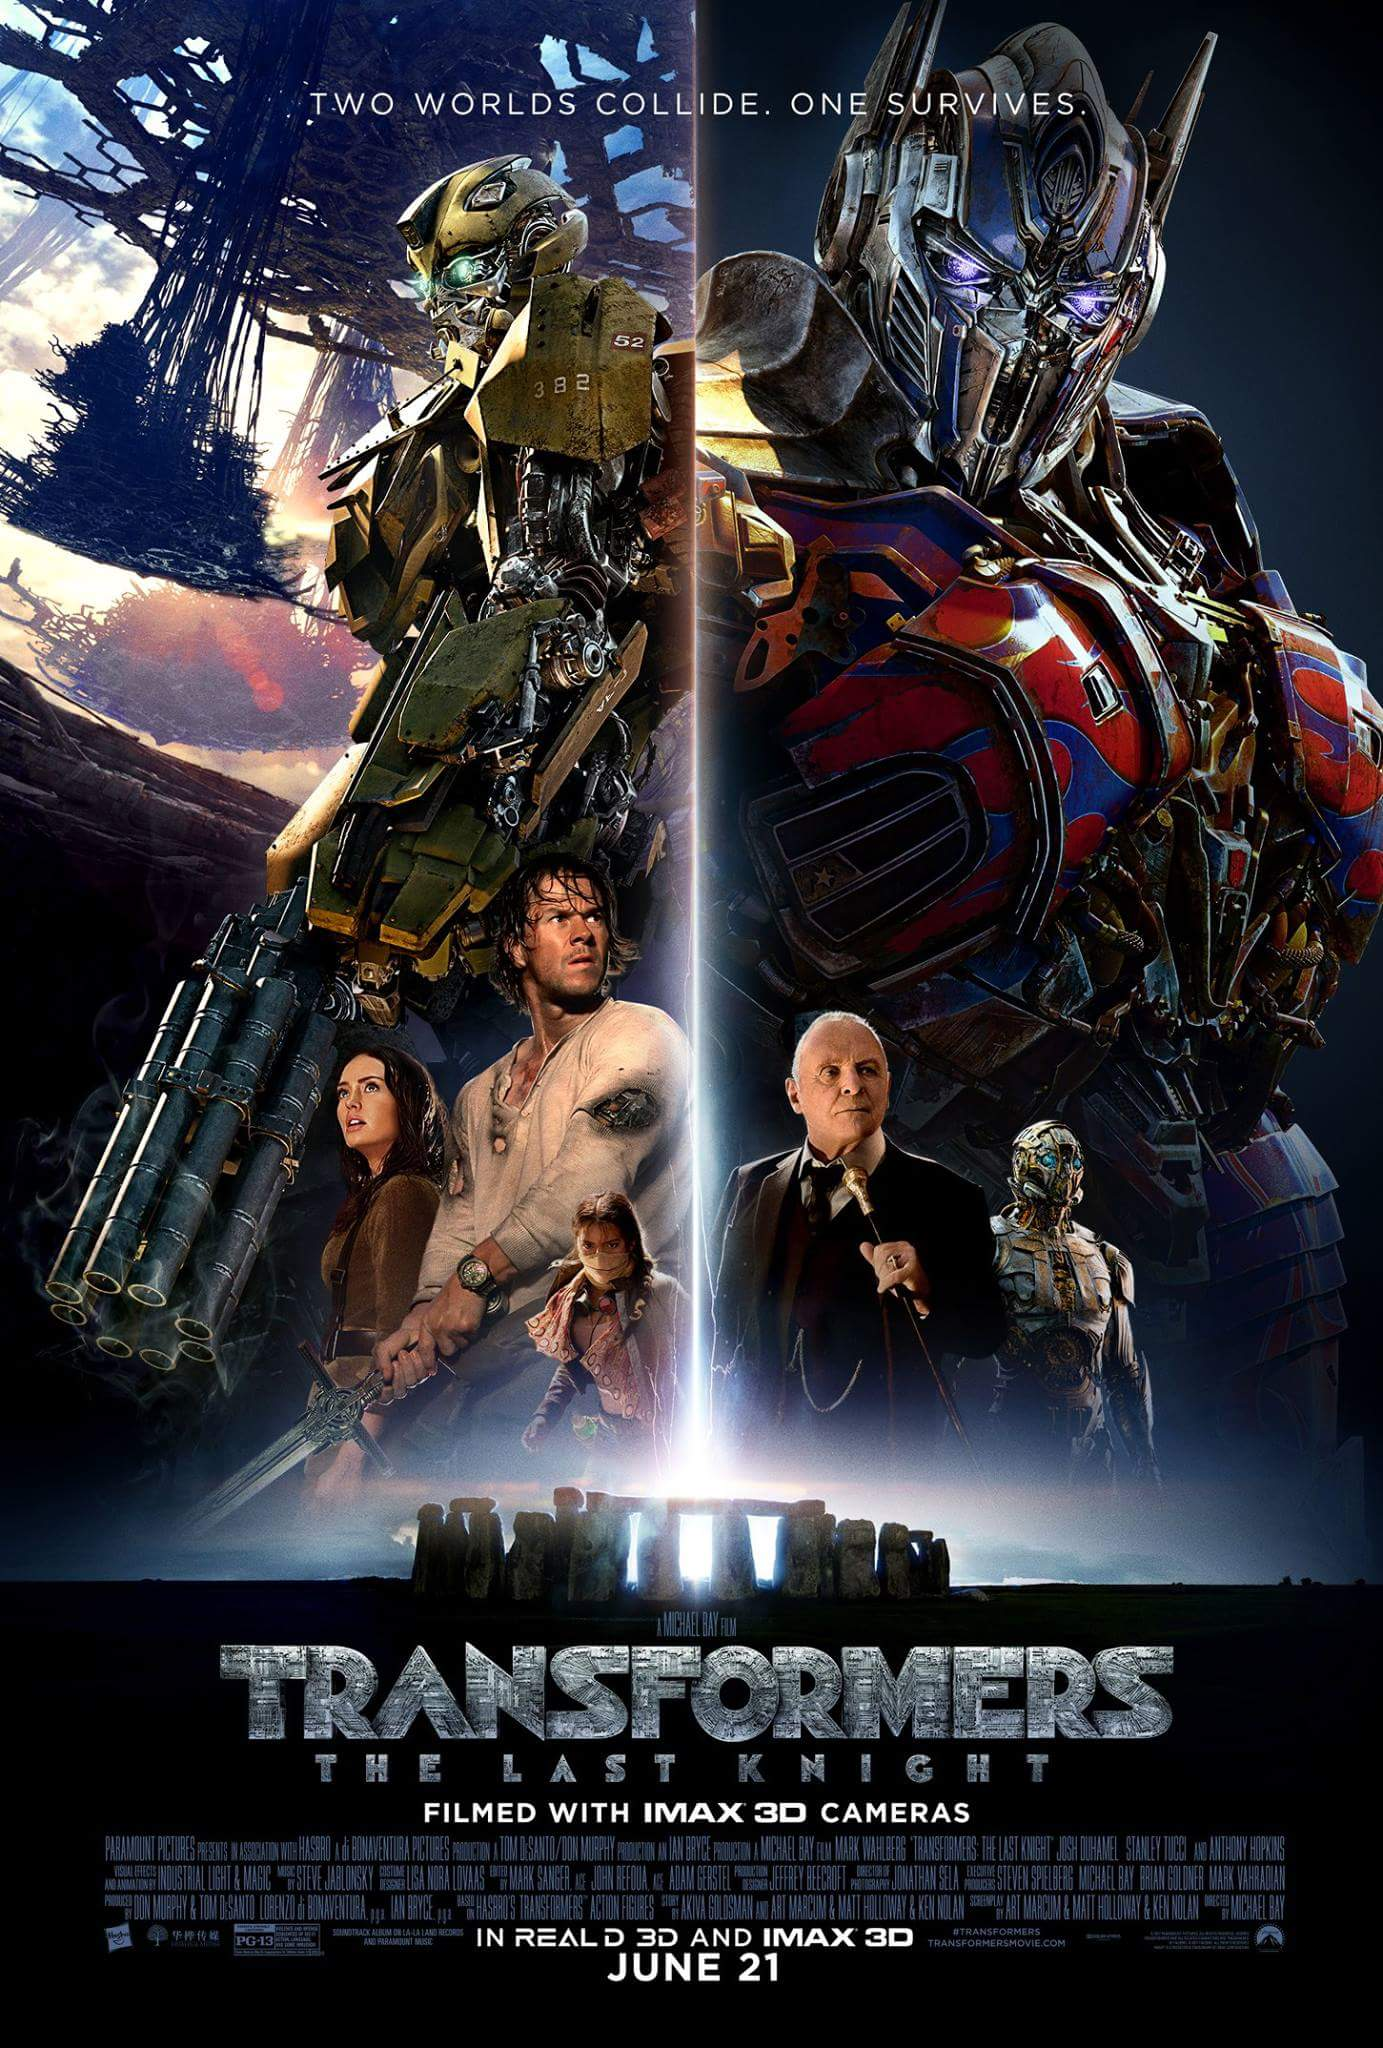 ดูหนังออนไลน์ Transformers: The Last Knight ทรานส์ฟอร์เมอร์ส 5เต็มเรื่อง HD มาสเตอร์ ดูหนังฟรี ดูหนังใหม่